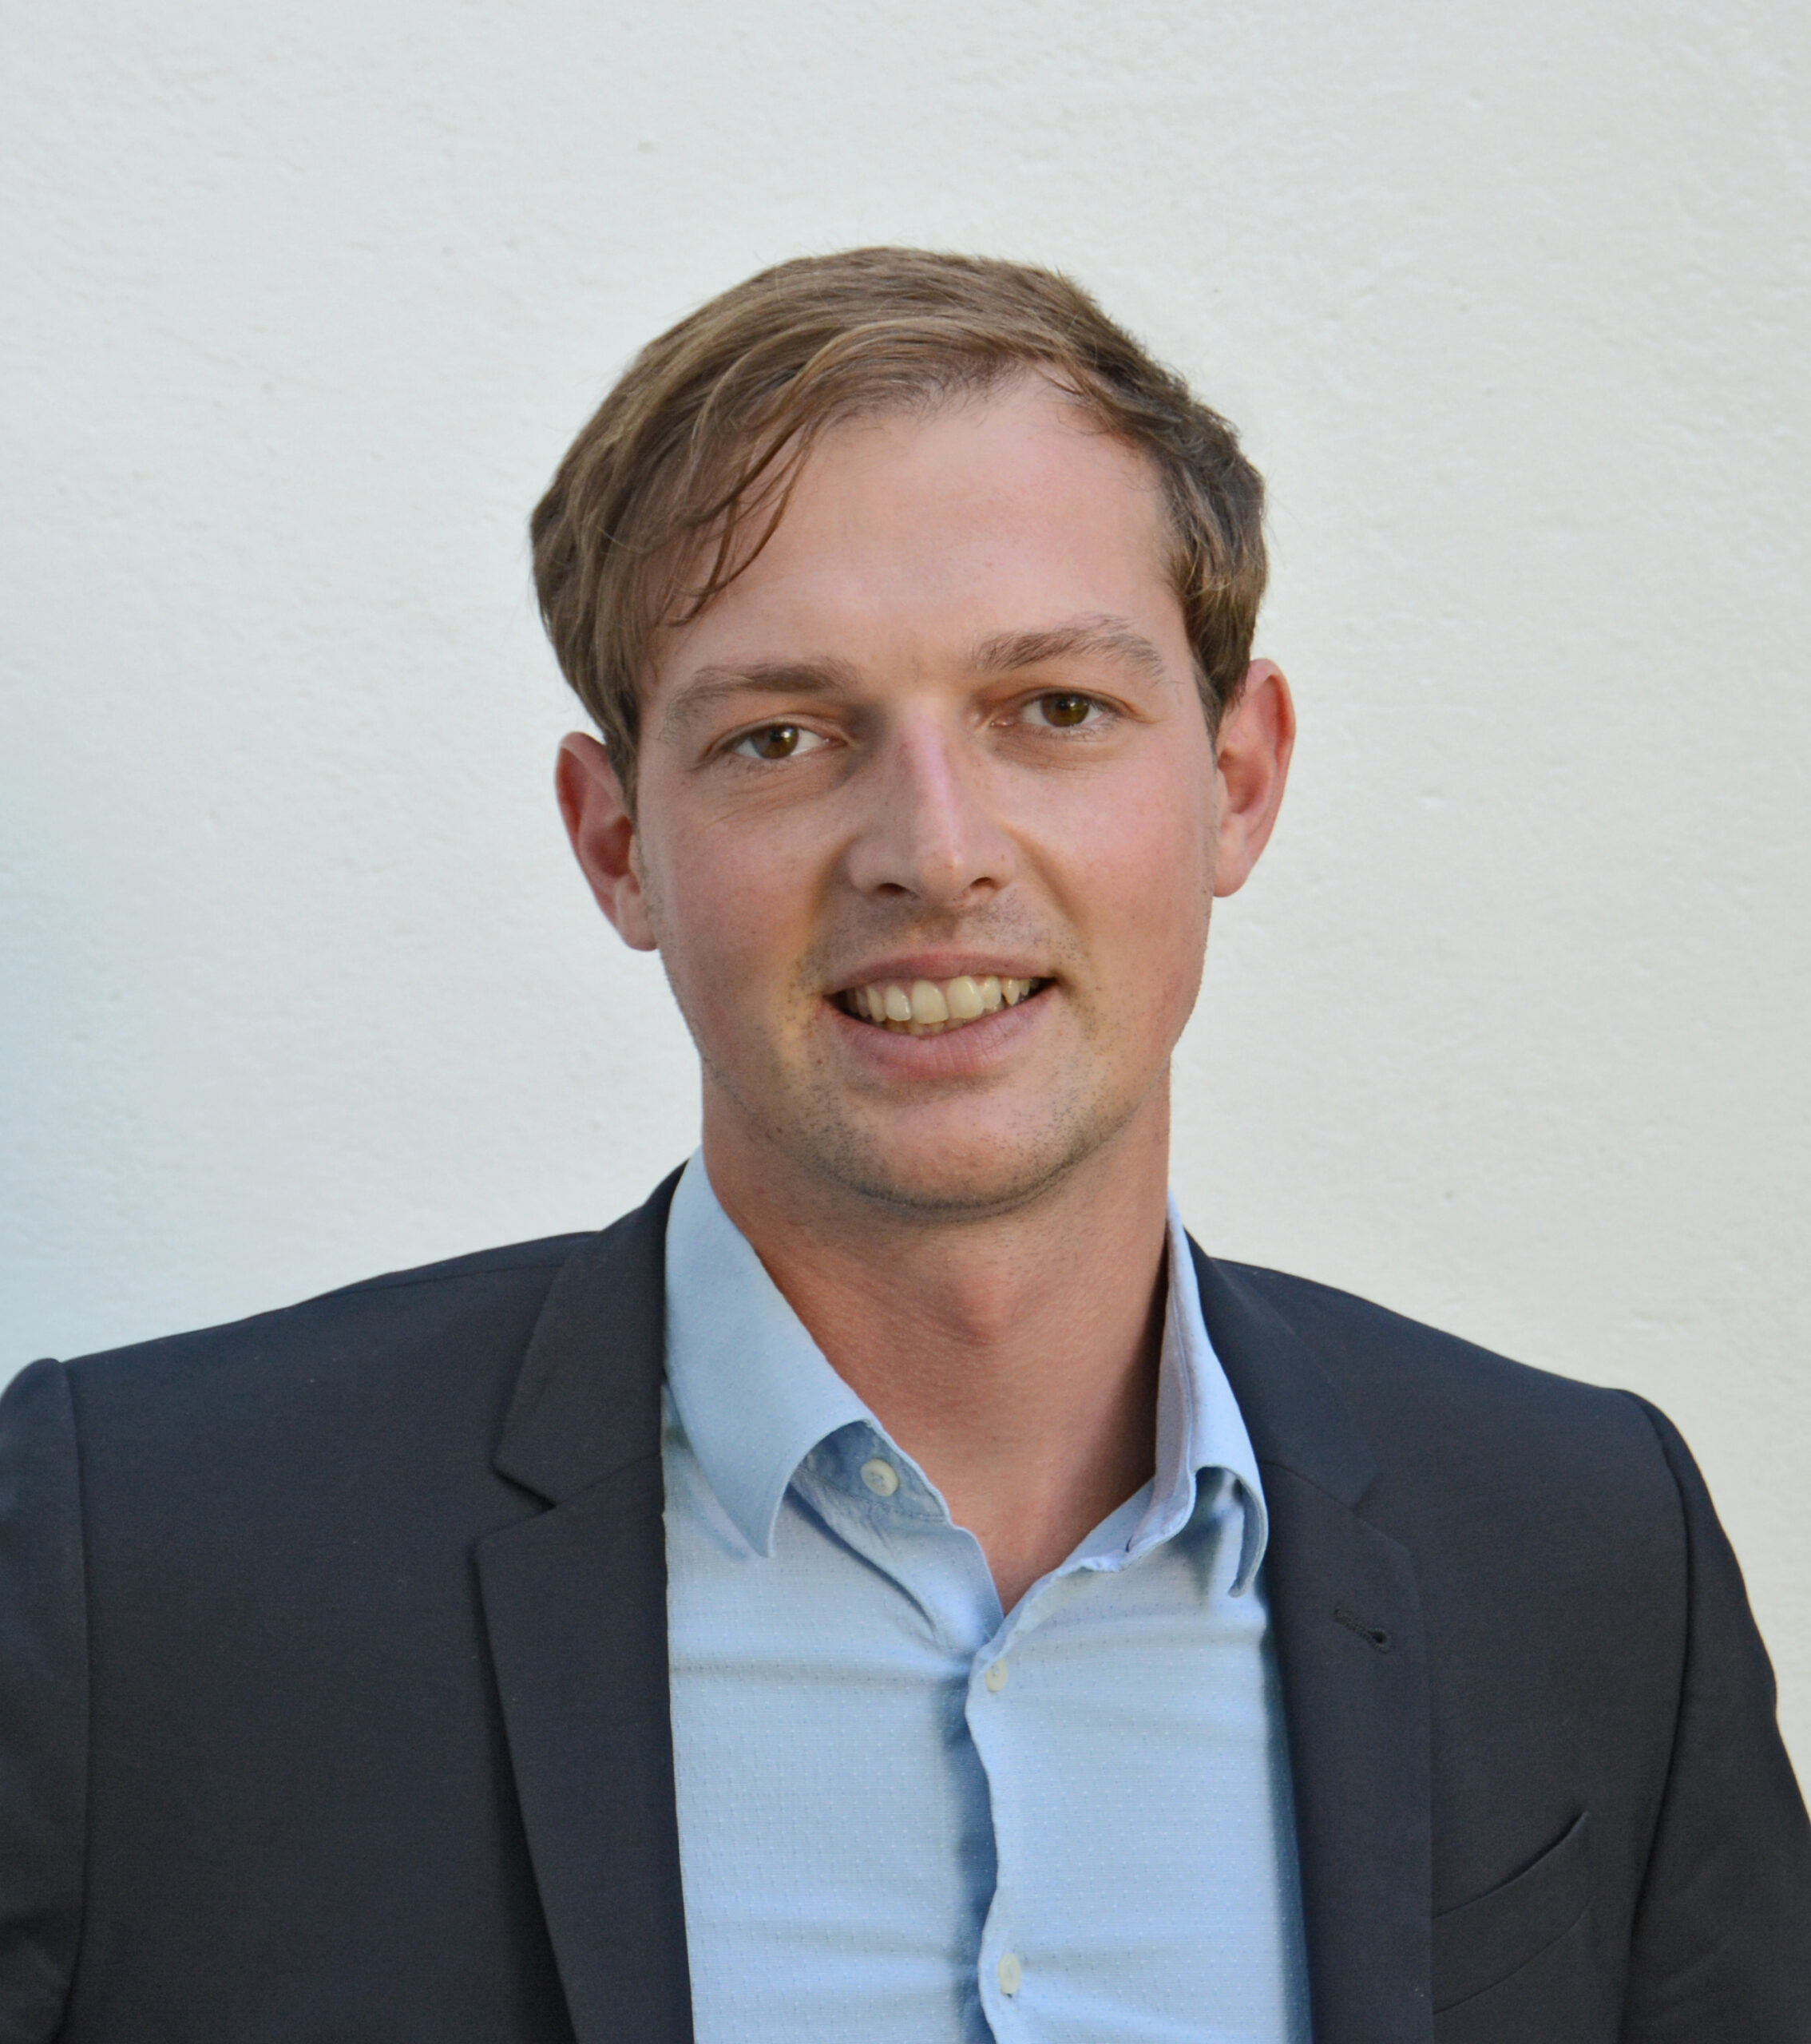 Matthias Schwinger im Kamingespräch zur Bundestagswahl